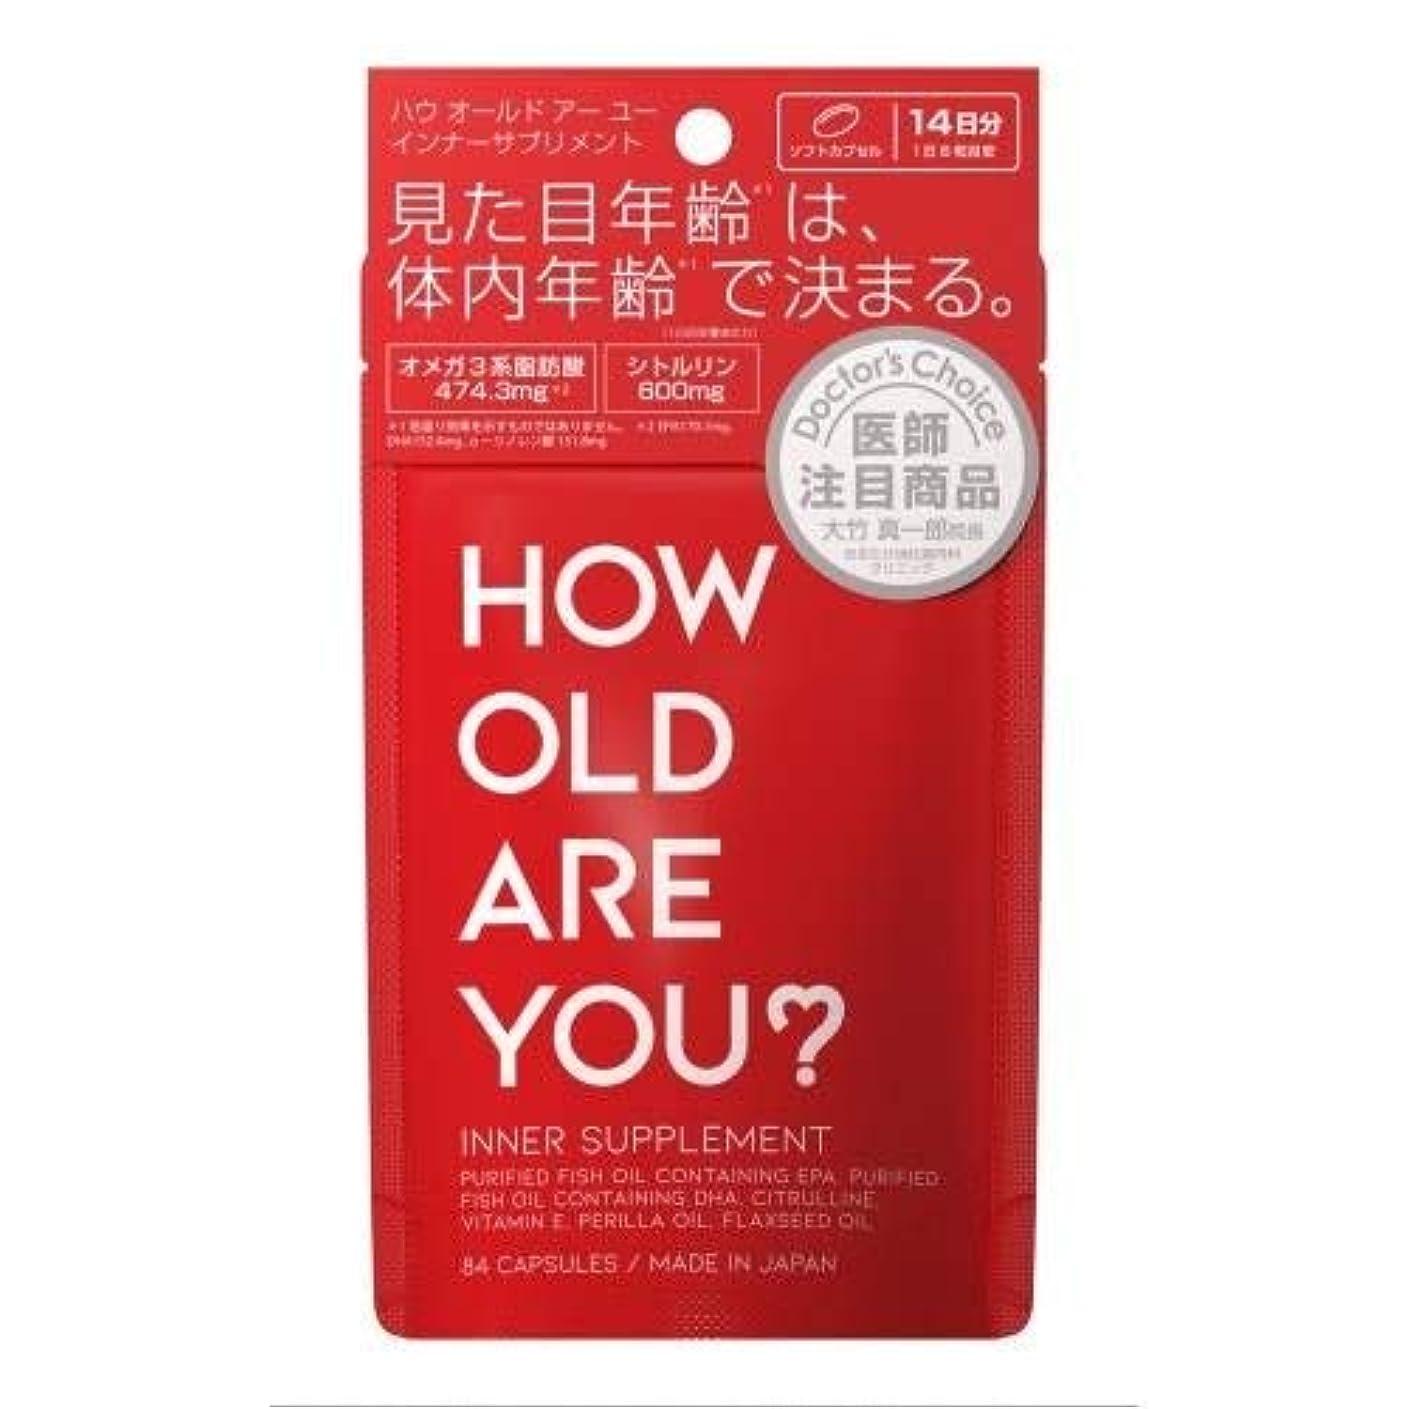 アダルトドライブ擬人【3個セット】HOW OLD ARE YOU?インナーサプリメント 84粒